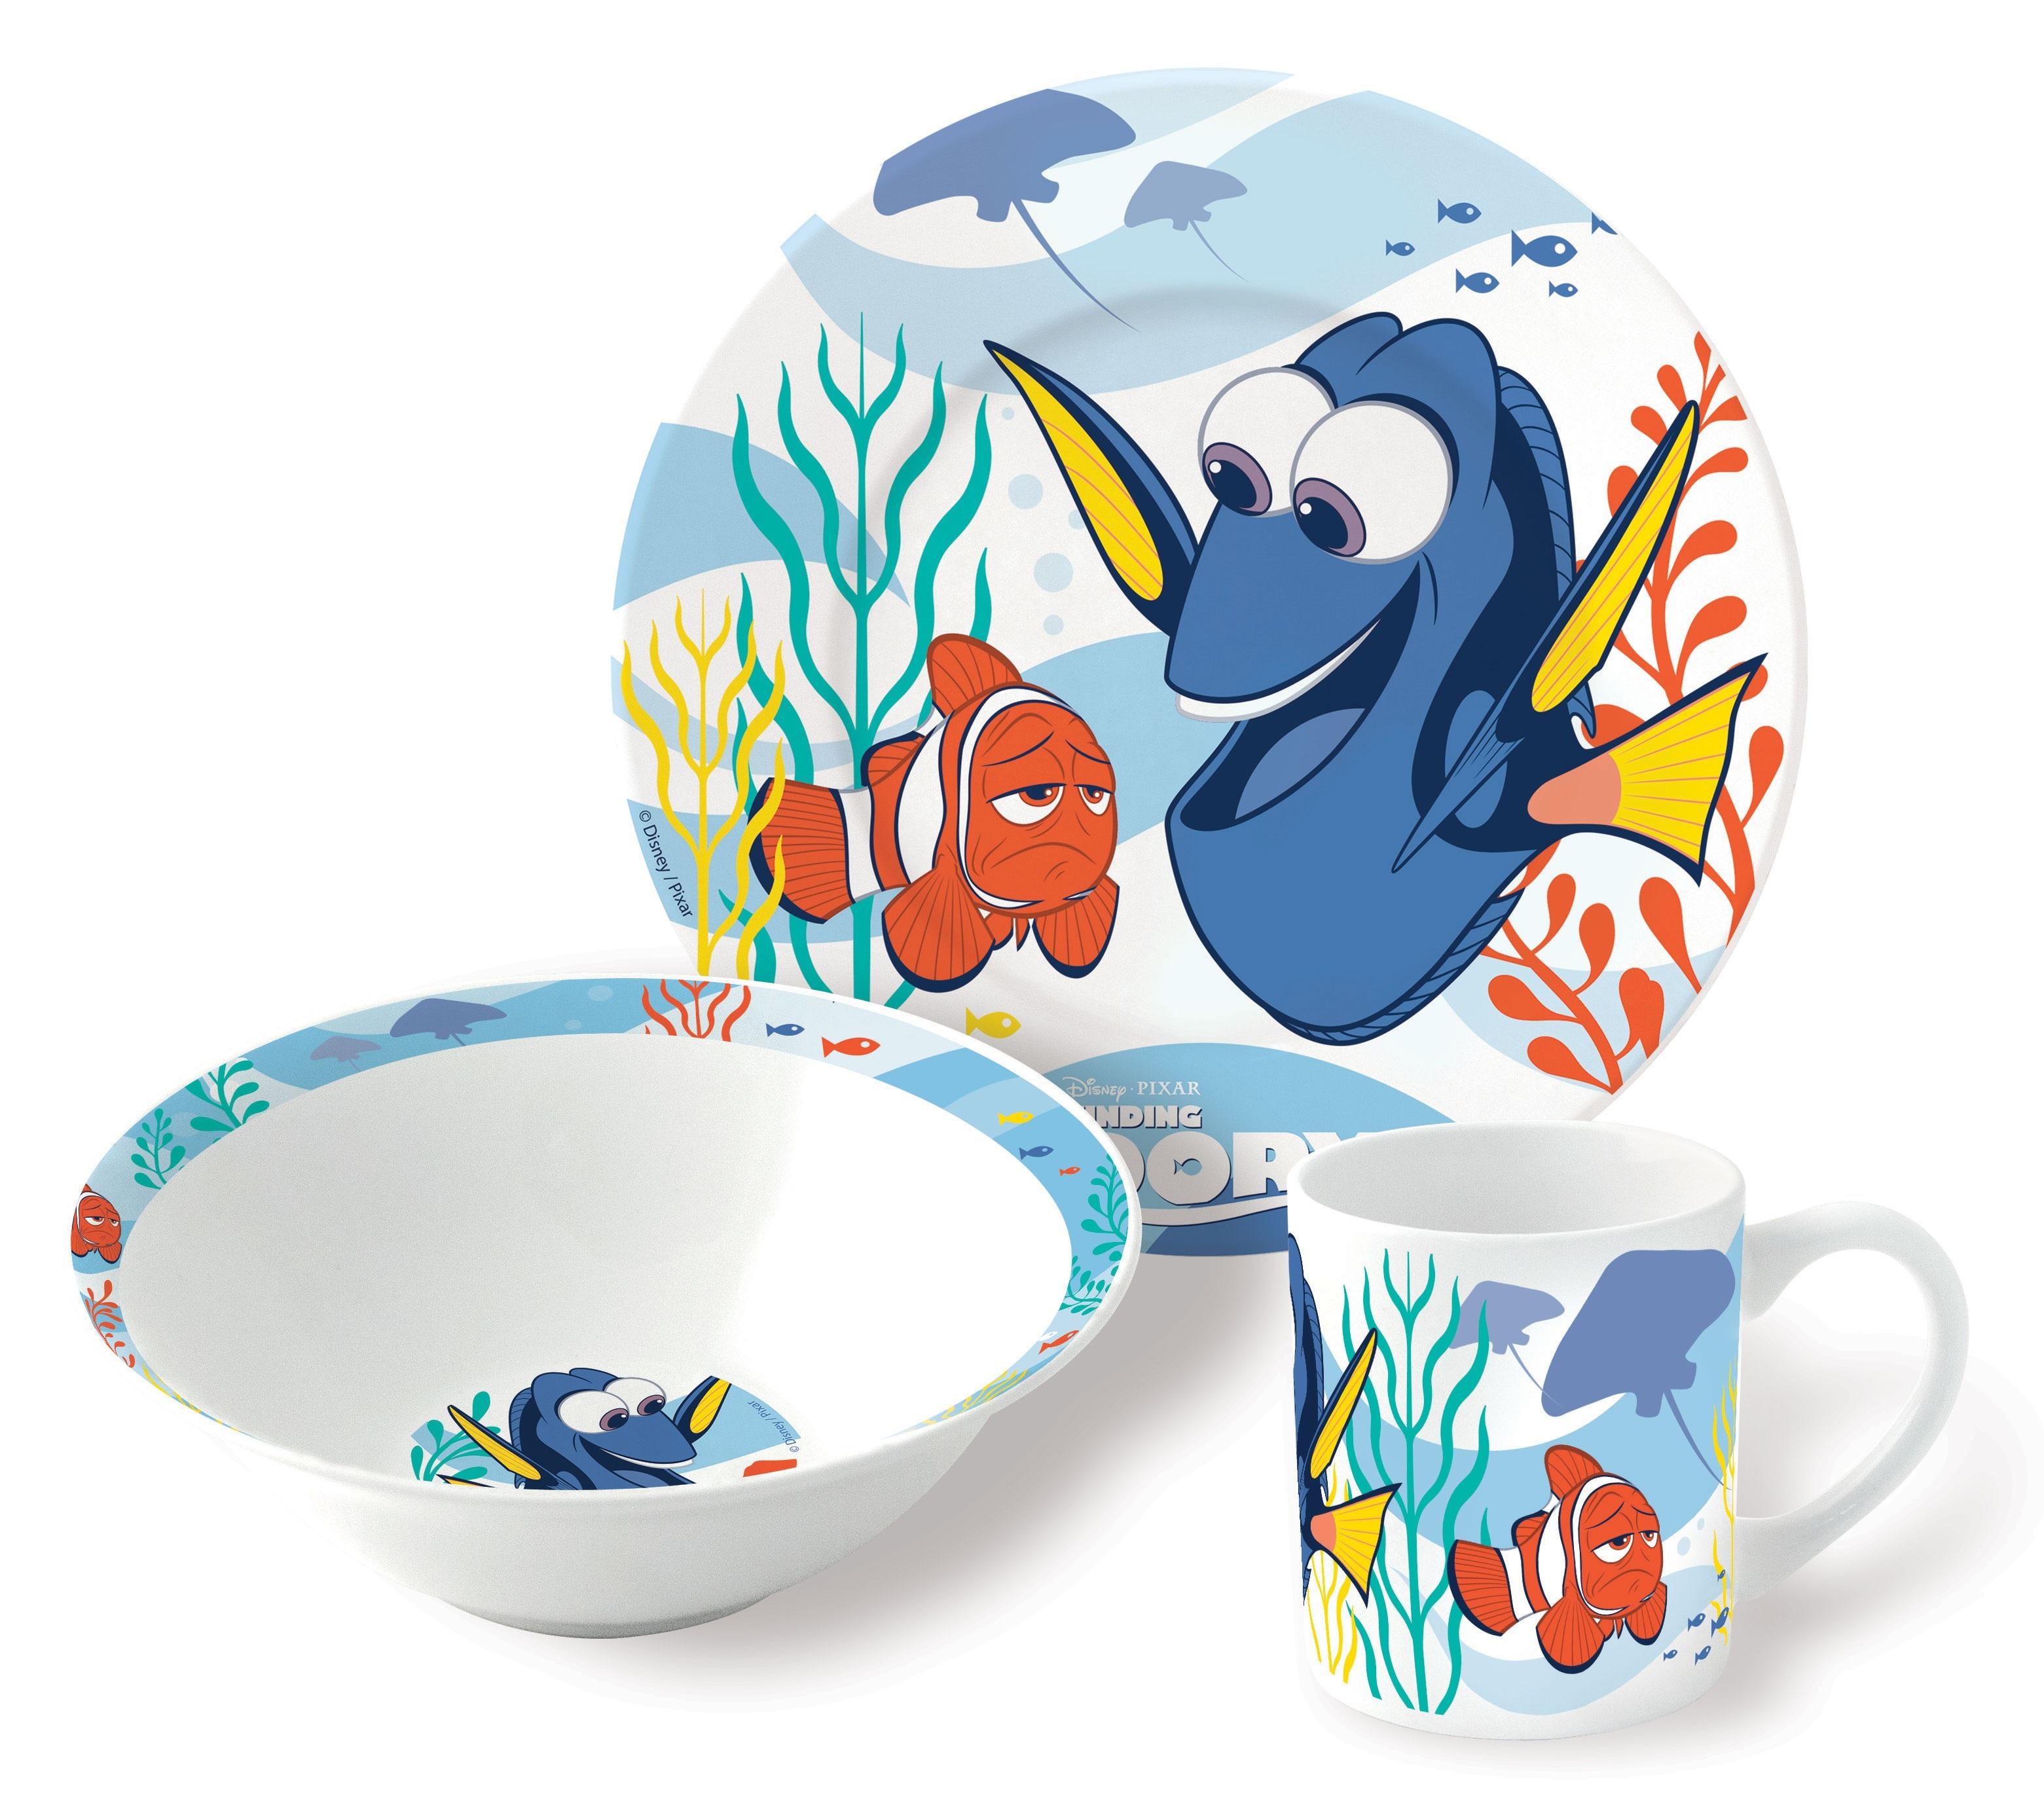 Набор посуды Finding Dory (3 в 1)Посуда Finding Dory c любим героем придет на помощь папам, мама, дедушкам, бабушкам, чьи дети отказываются от вкусной и здоровой пищи.<br>